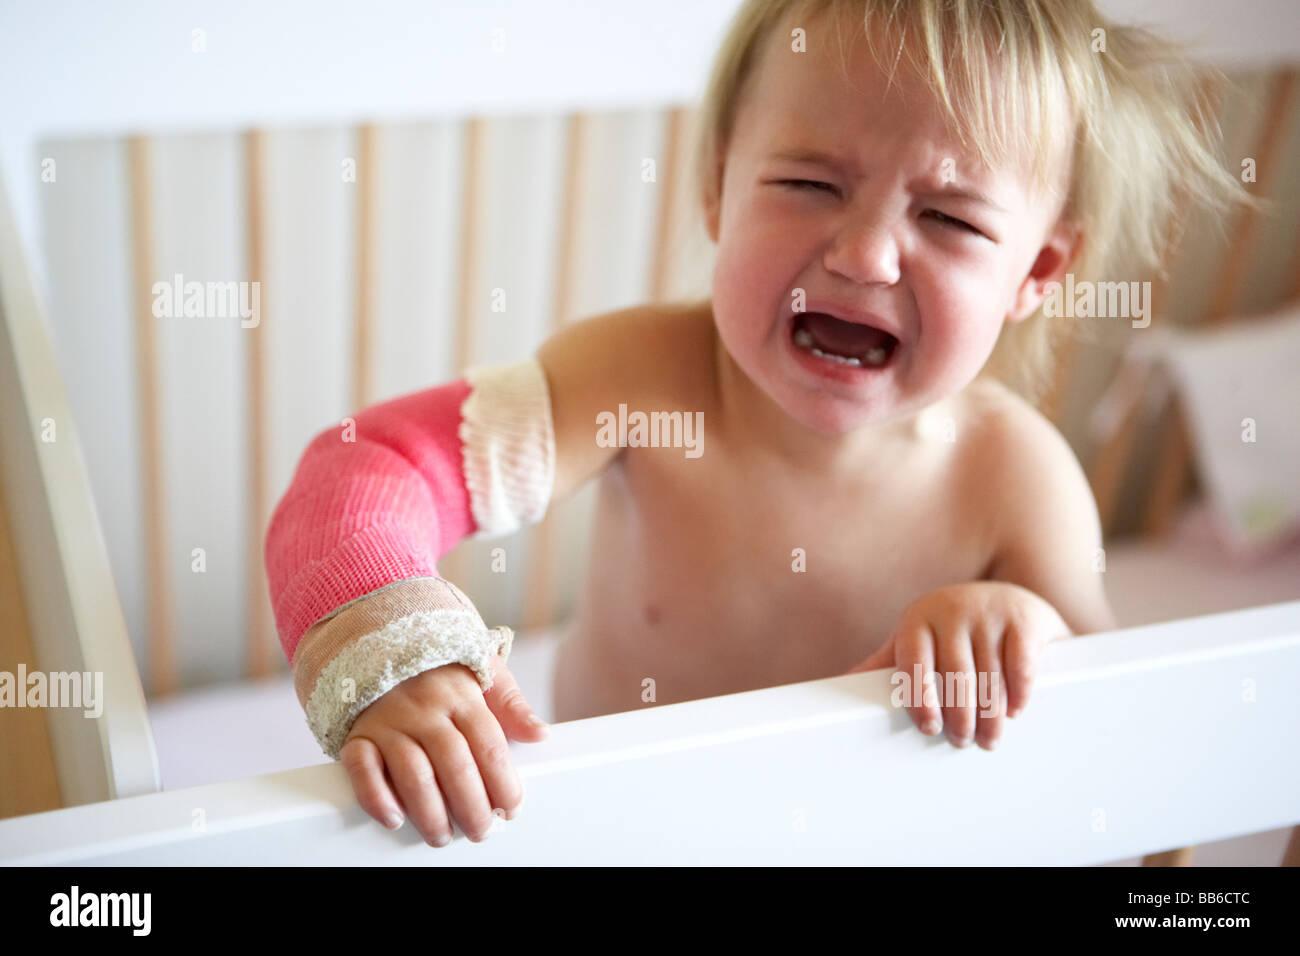 Choro Toddler com o braço de ferro fundido Imagens de Stock